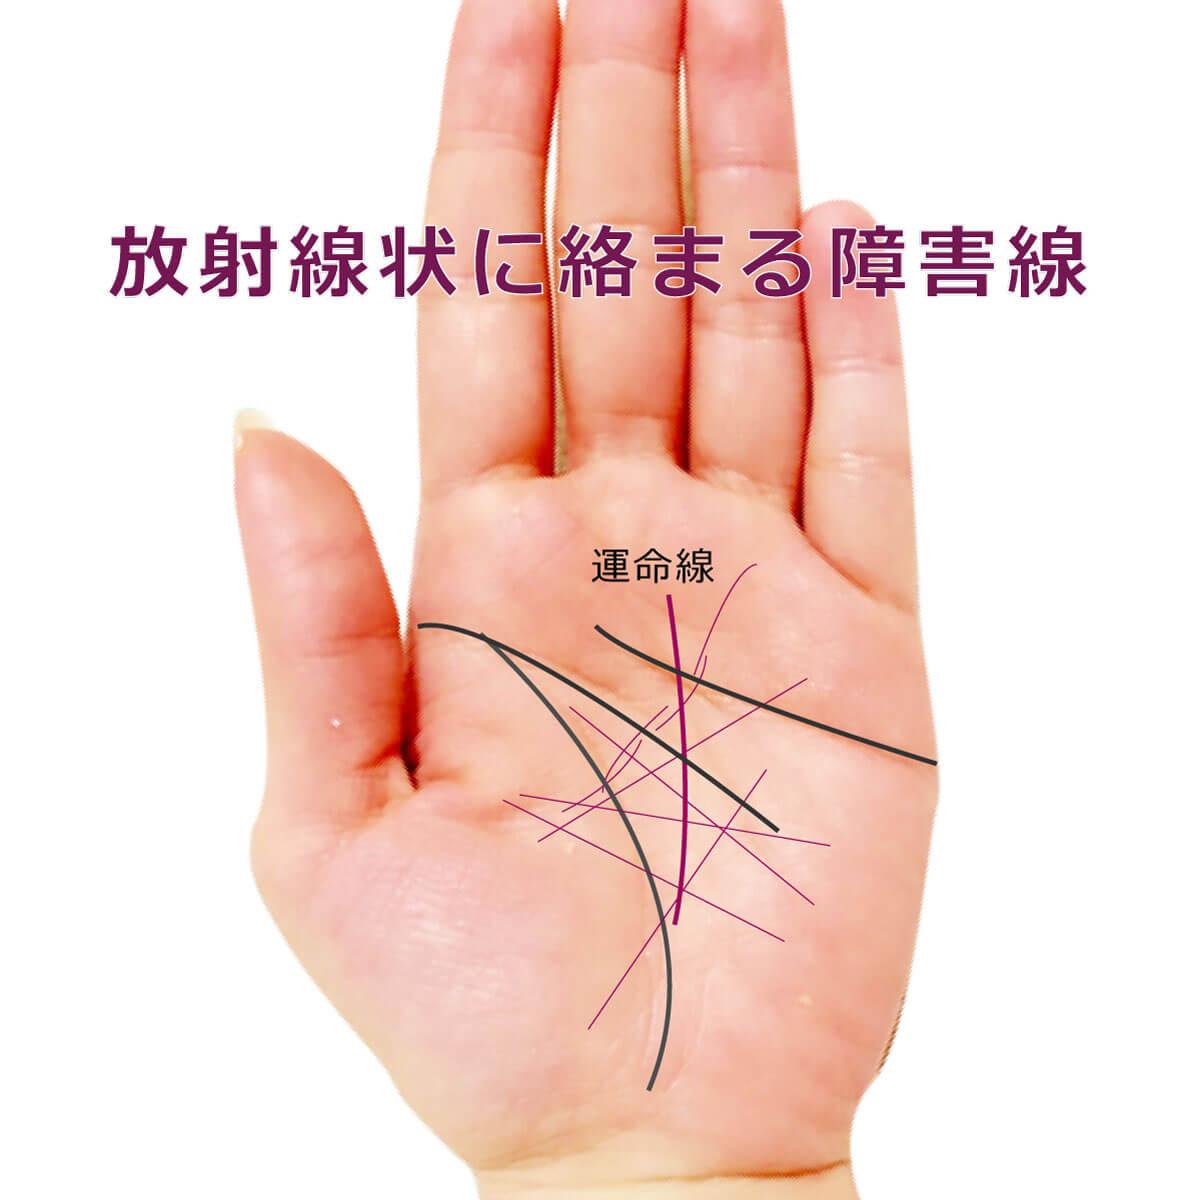 手のひらに障害線が幾重にも重なる手相